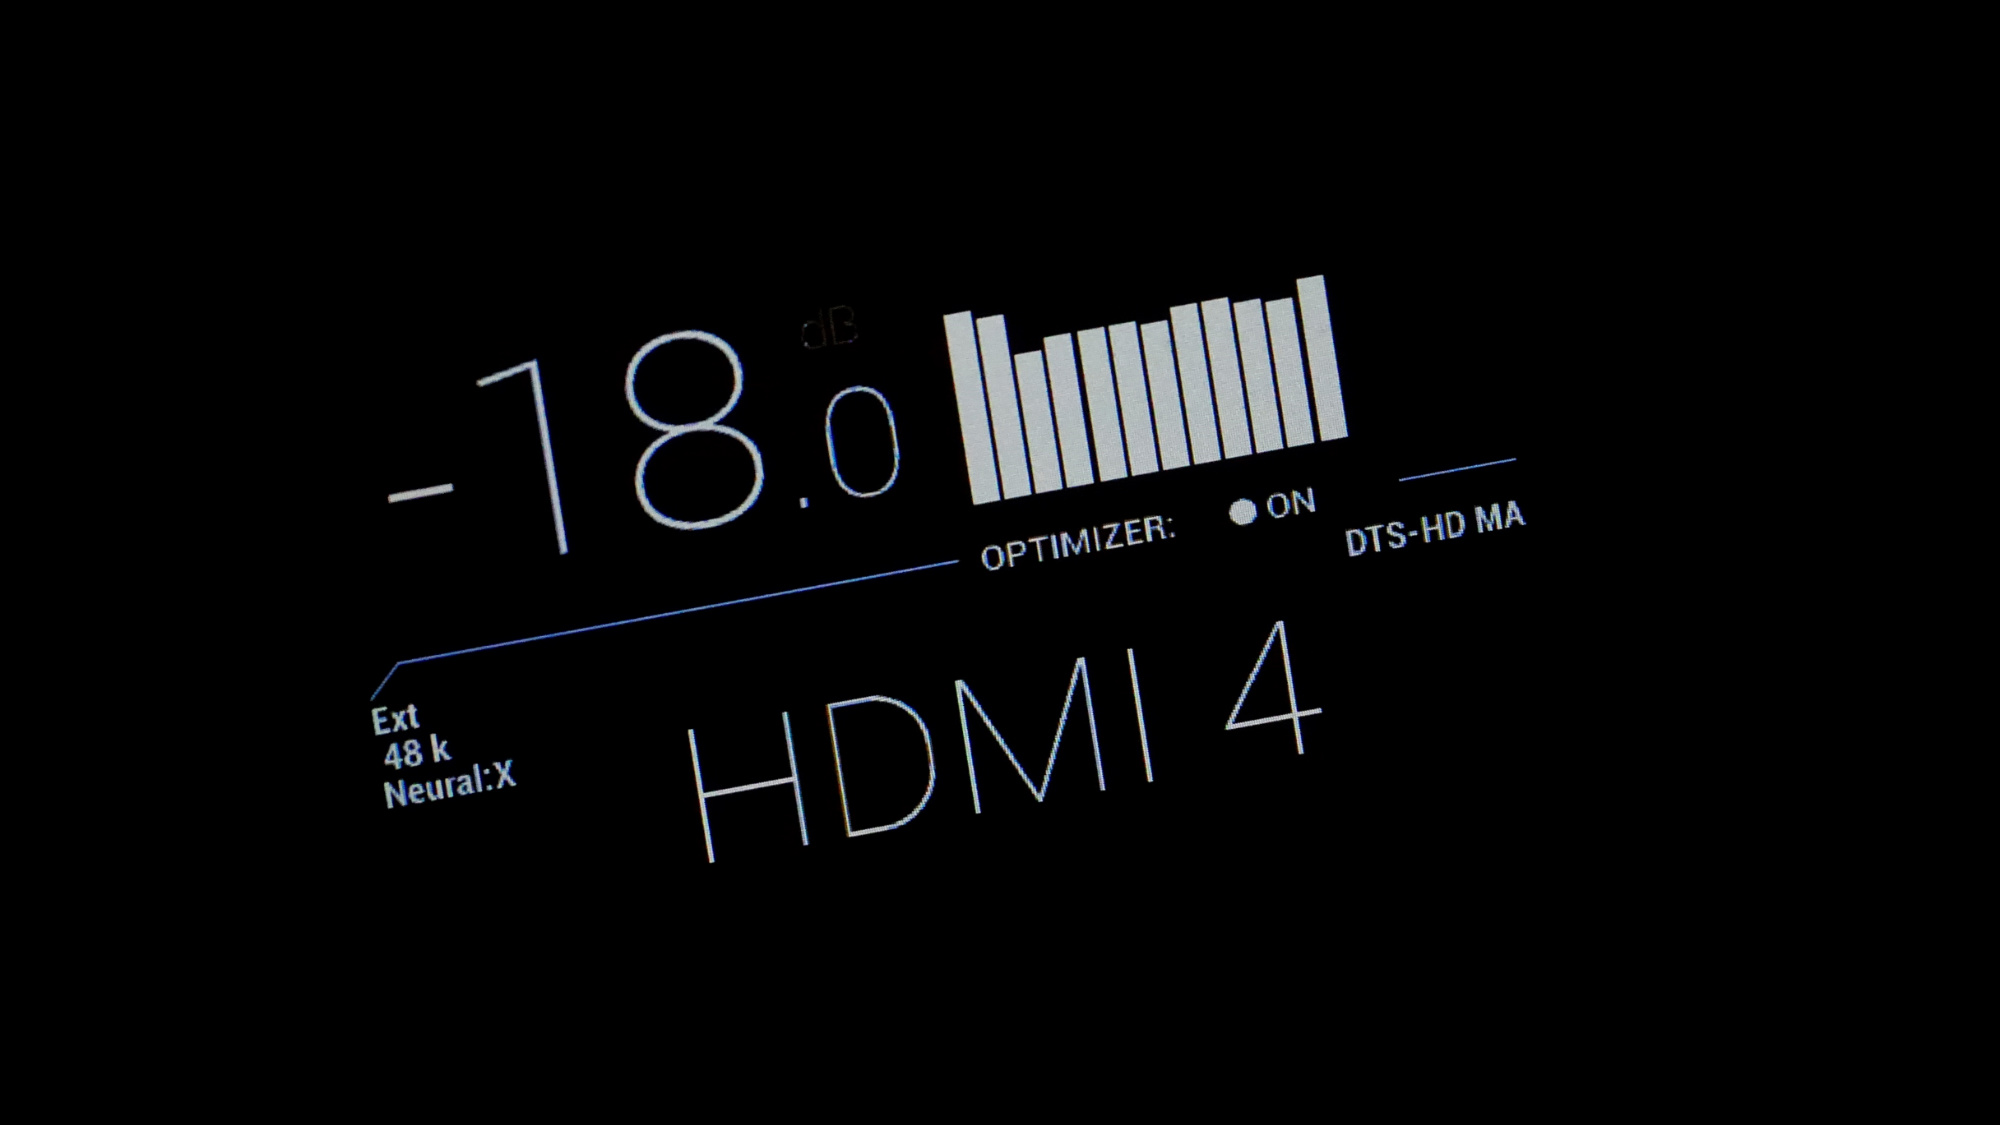 2018010819094351 - 现场 | 米乐影音携Trinnov Audio最新Altitude 16声道处理前级,亮相中国影音嘉年华!